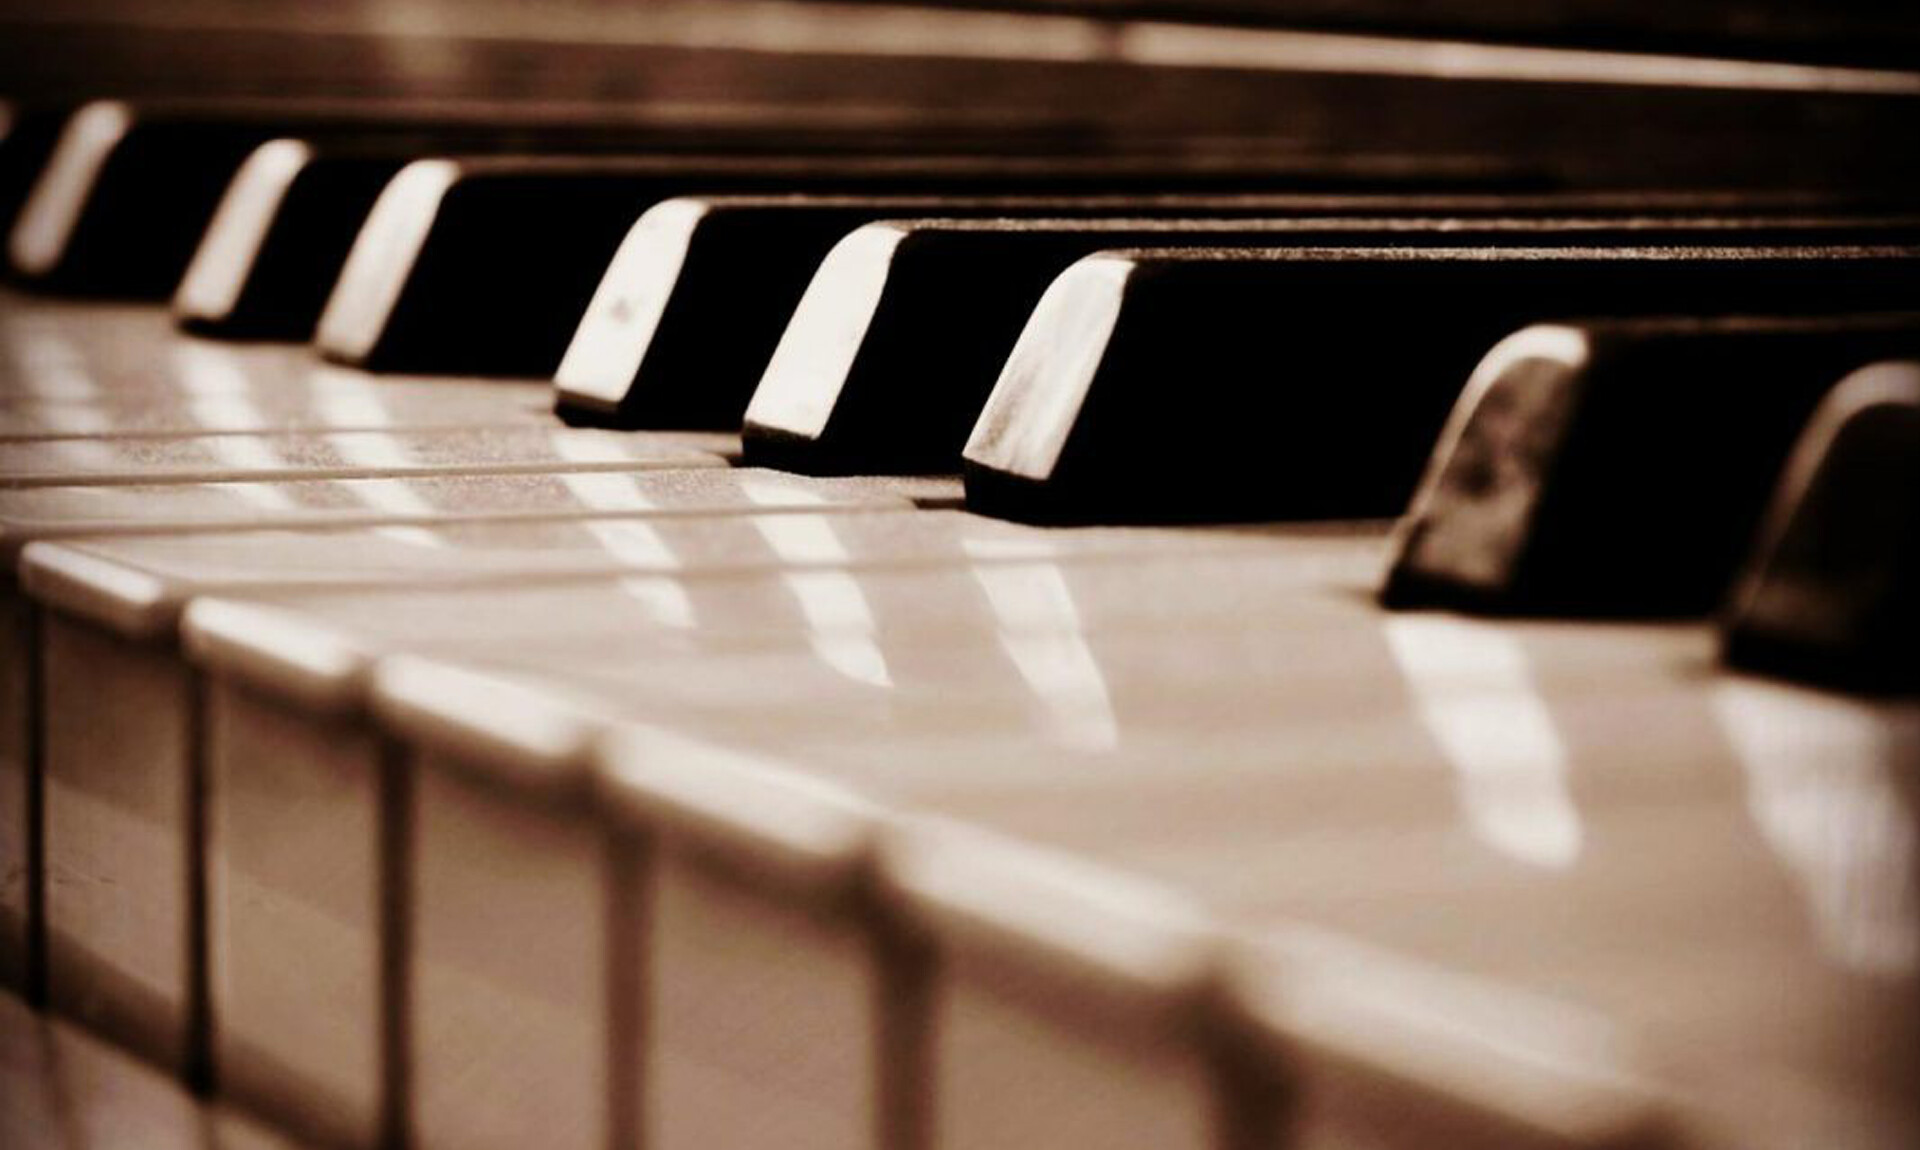 Concorso Pianistico Internazionale Franz Liszt – Premio Zanfi. Concerto finale